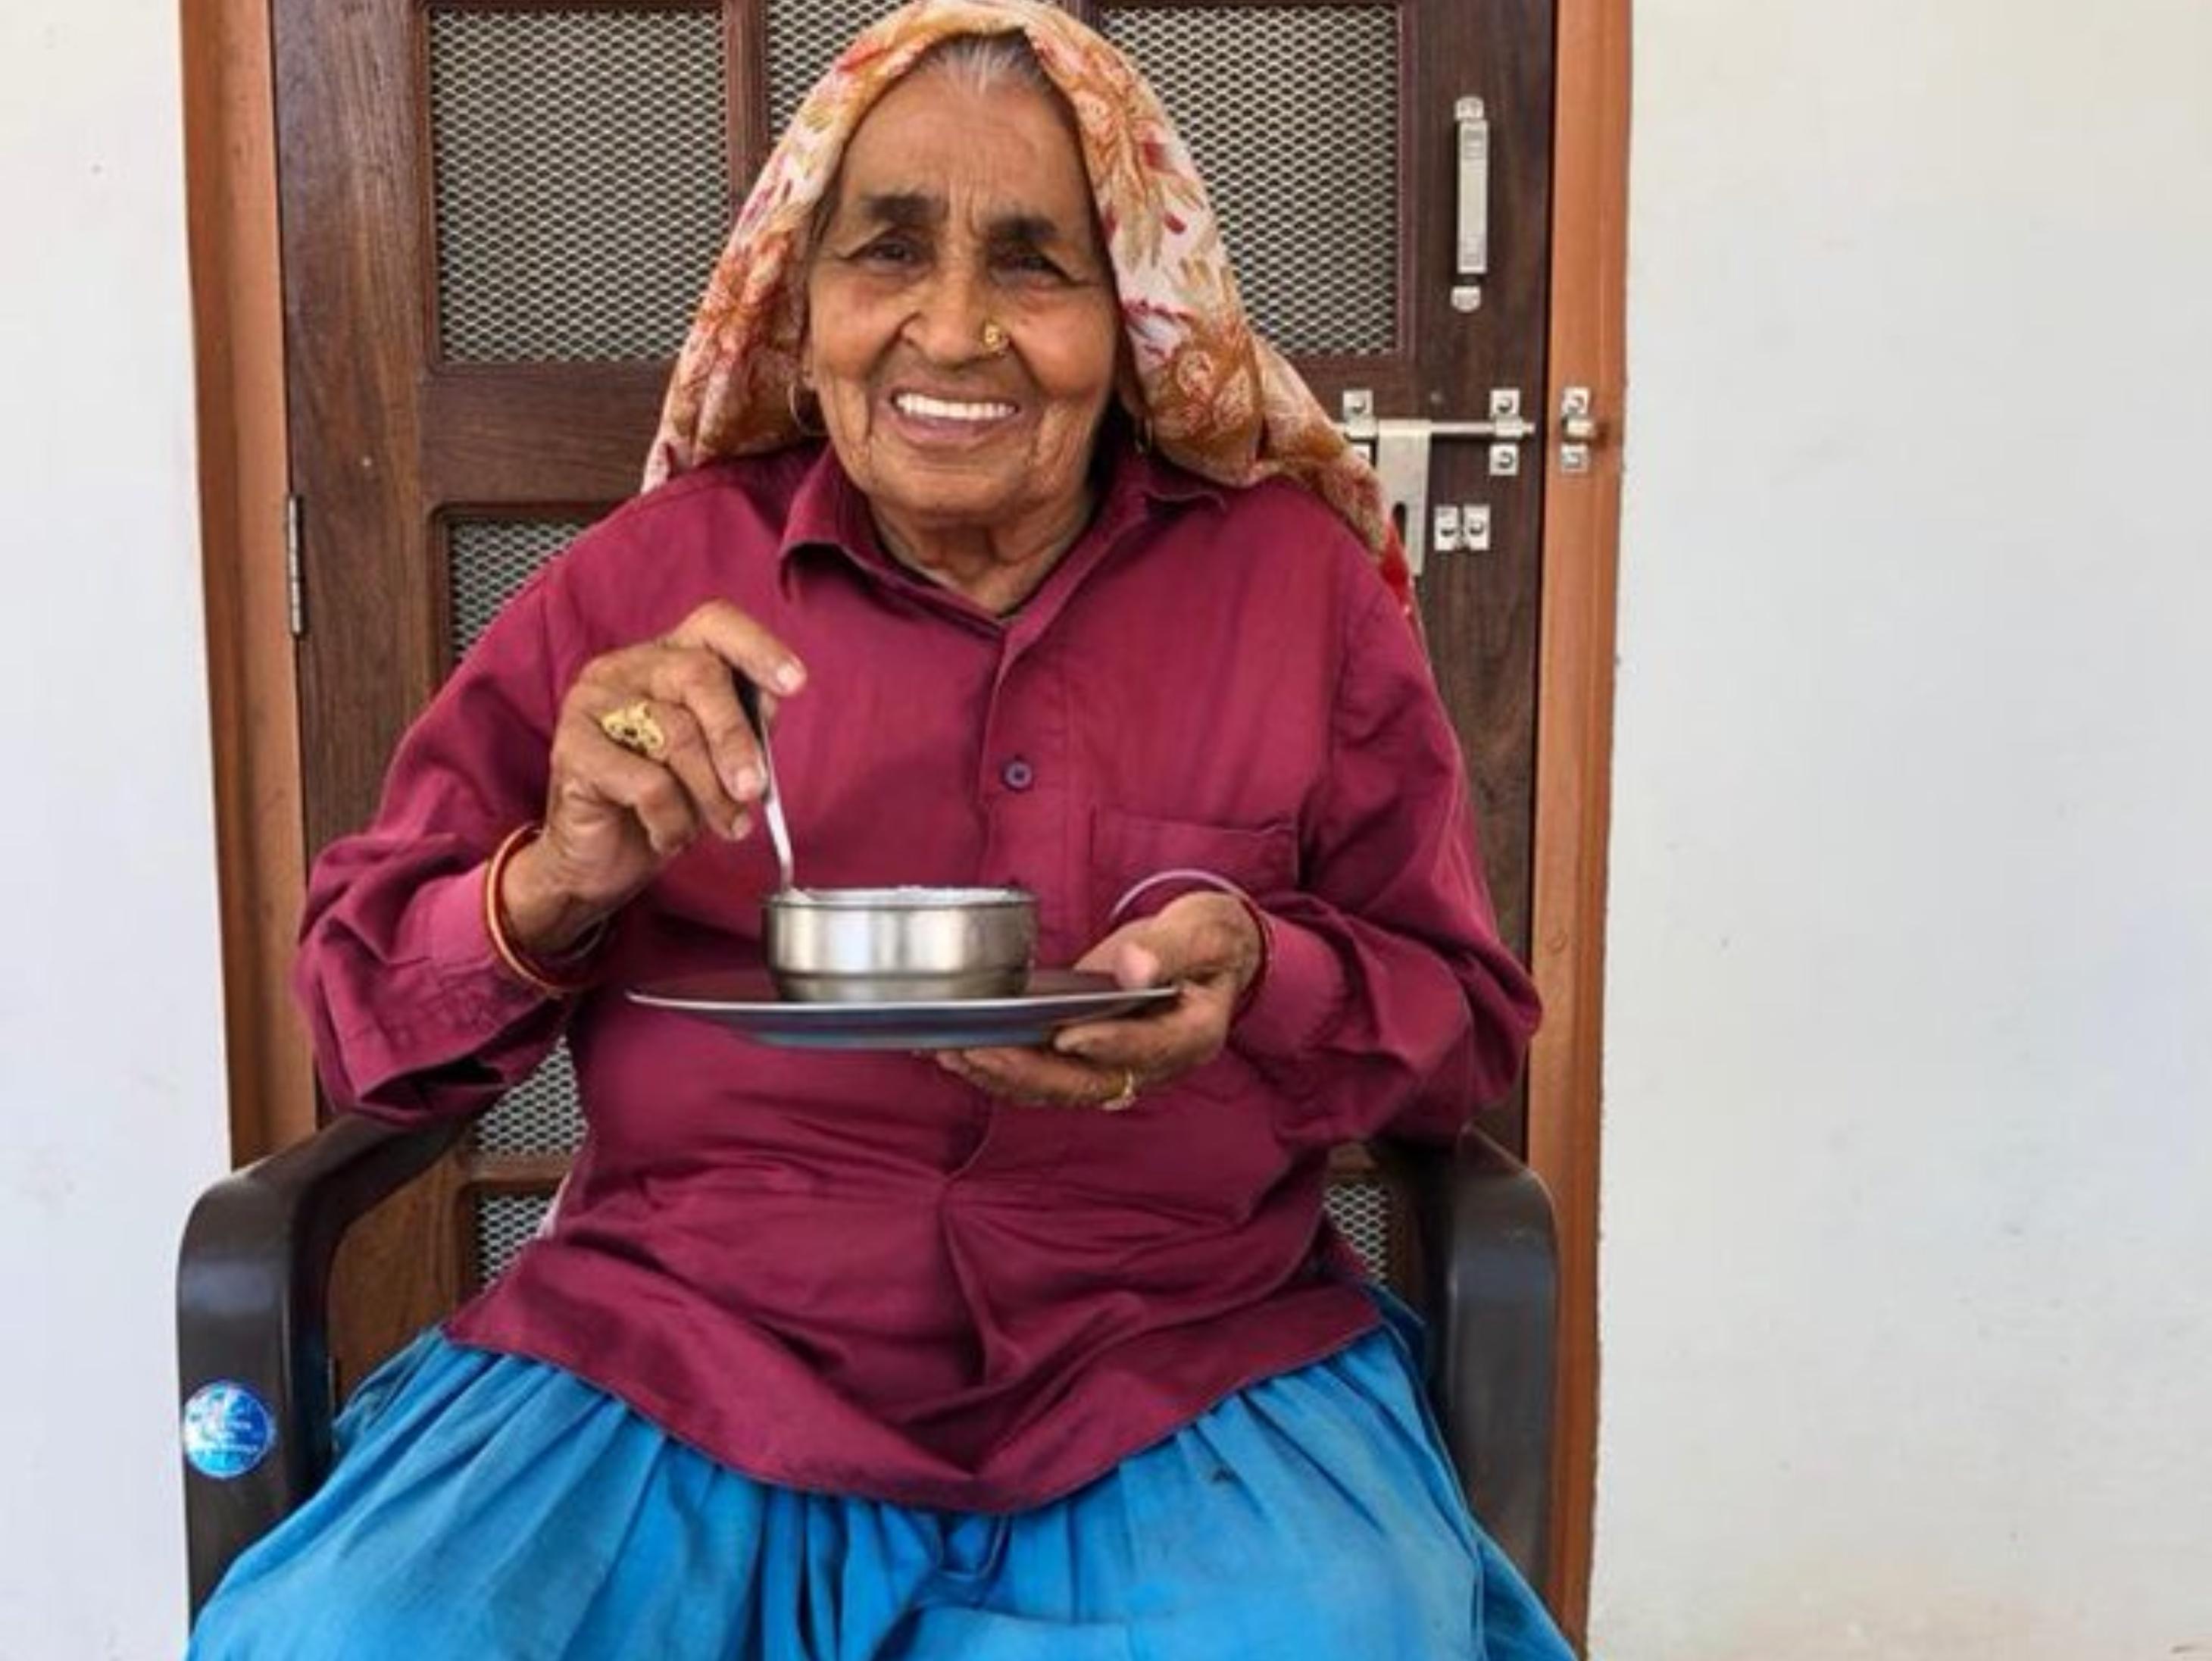 चंद्रो तोमर का कोरोना से निधन, दादी की लाइफ पर बनी 'सांड की आंख' की एक्ट्रेसेस तापसी और भूमि ने दी श्रद्धांजलि|बॉलीवुड,Bollywood - Dainik Bhaskar